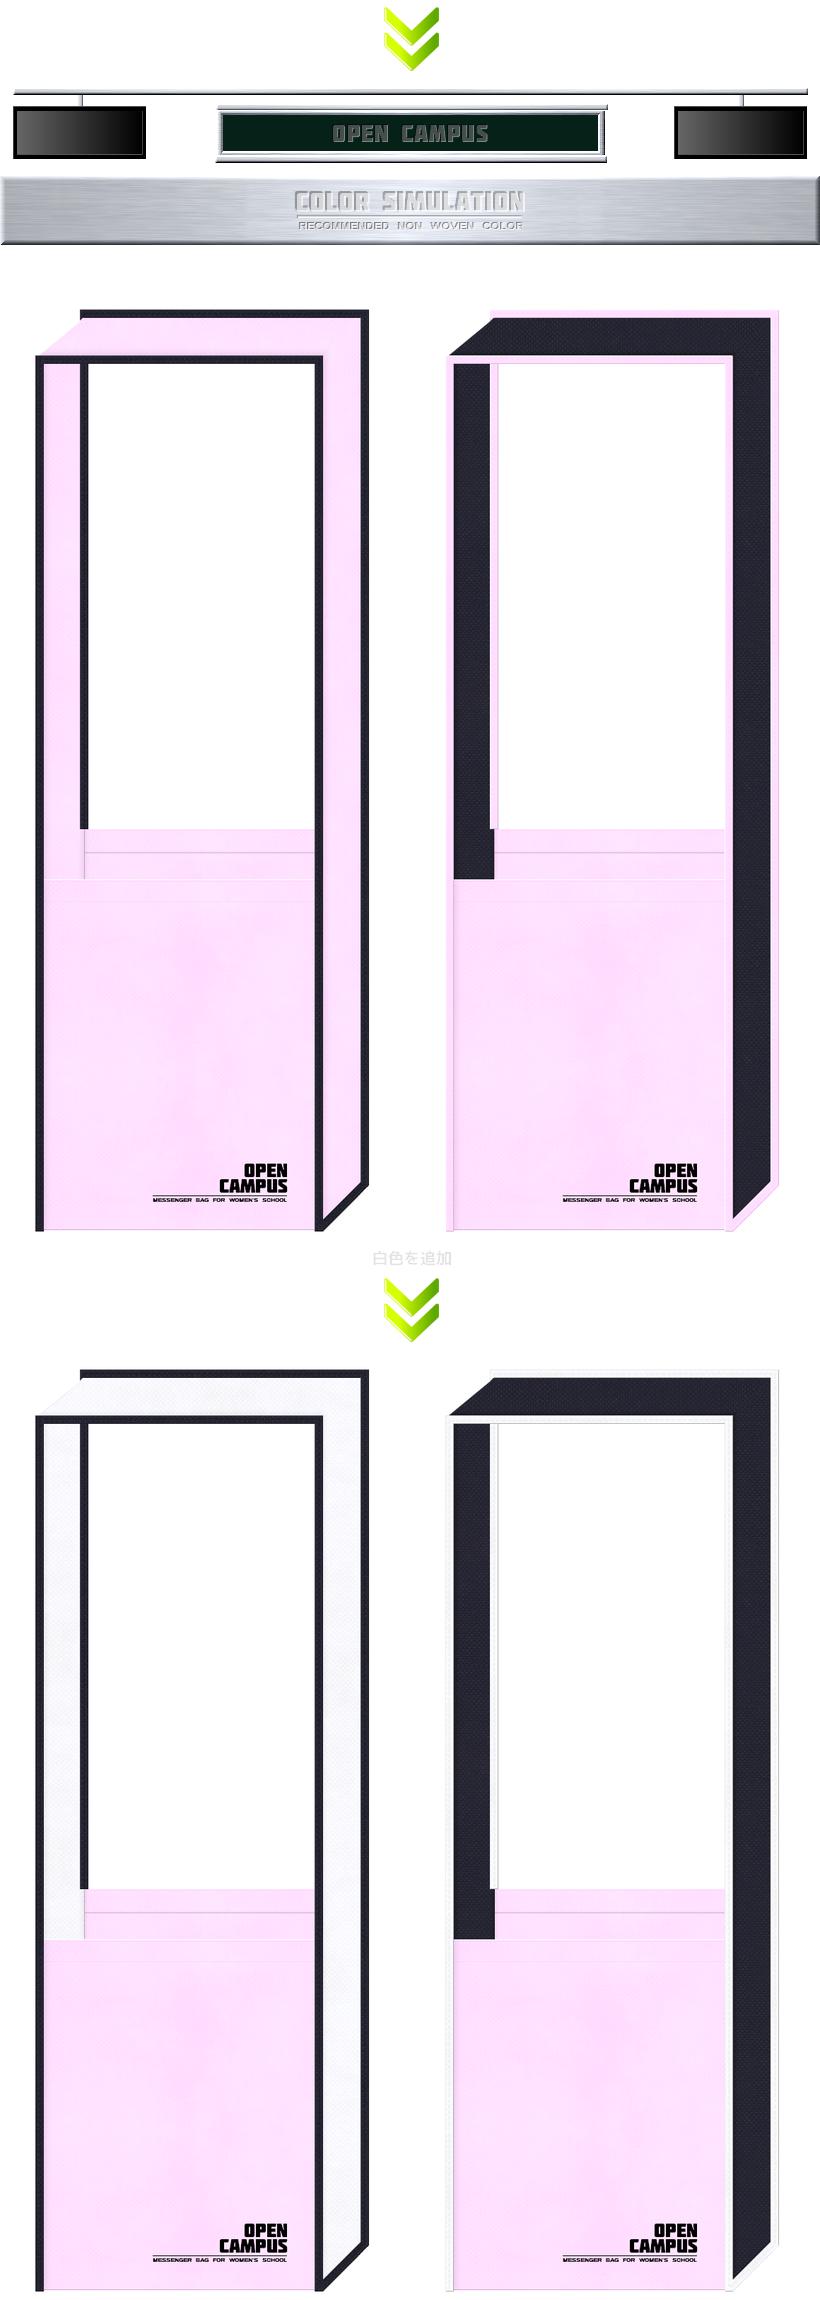 パステルピンク色と濃紺色の不織布メッセンジャーバッグデザイン:女子学校・オープンキャンパス用のバッグ